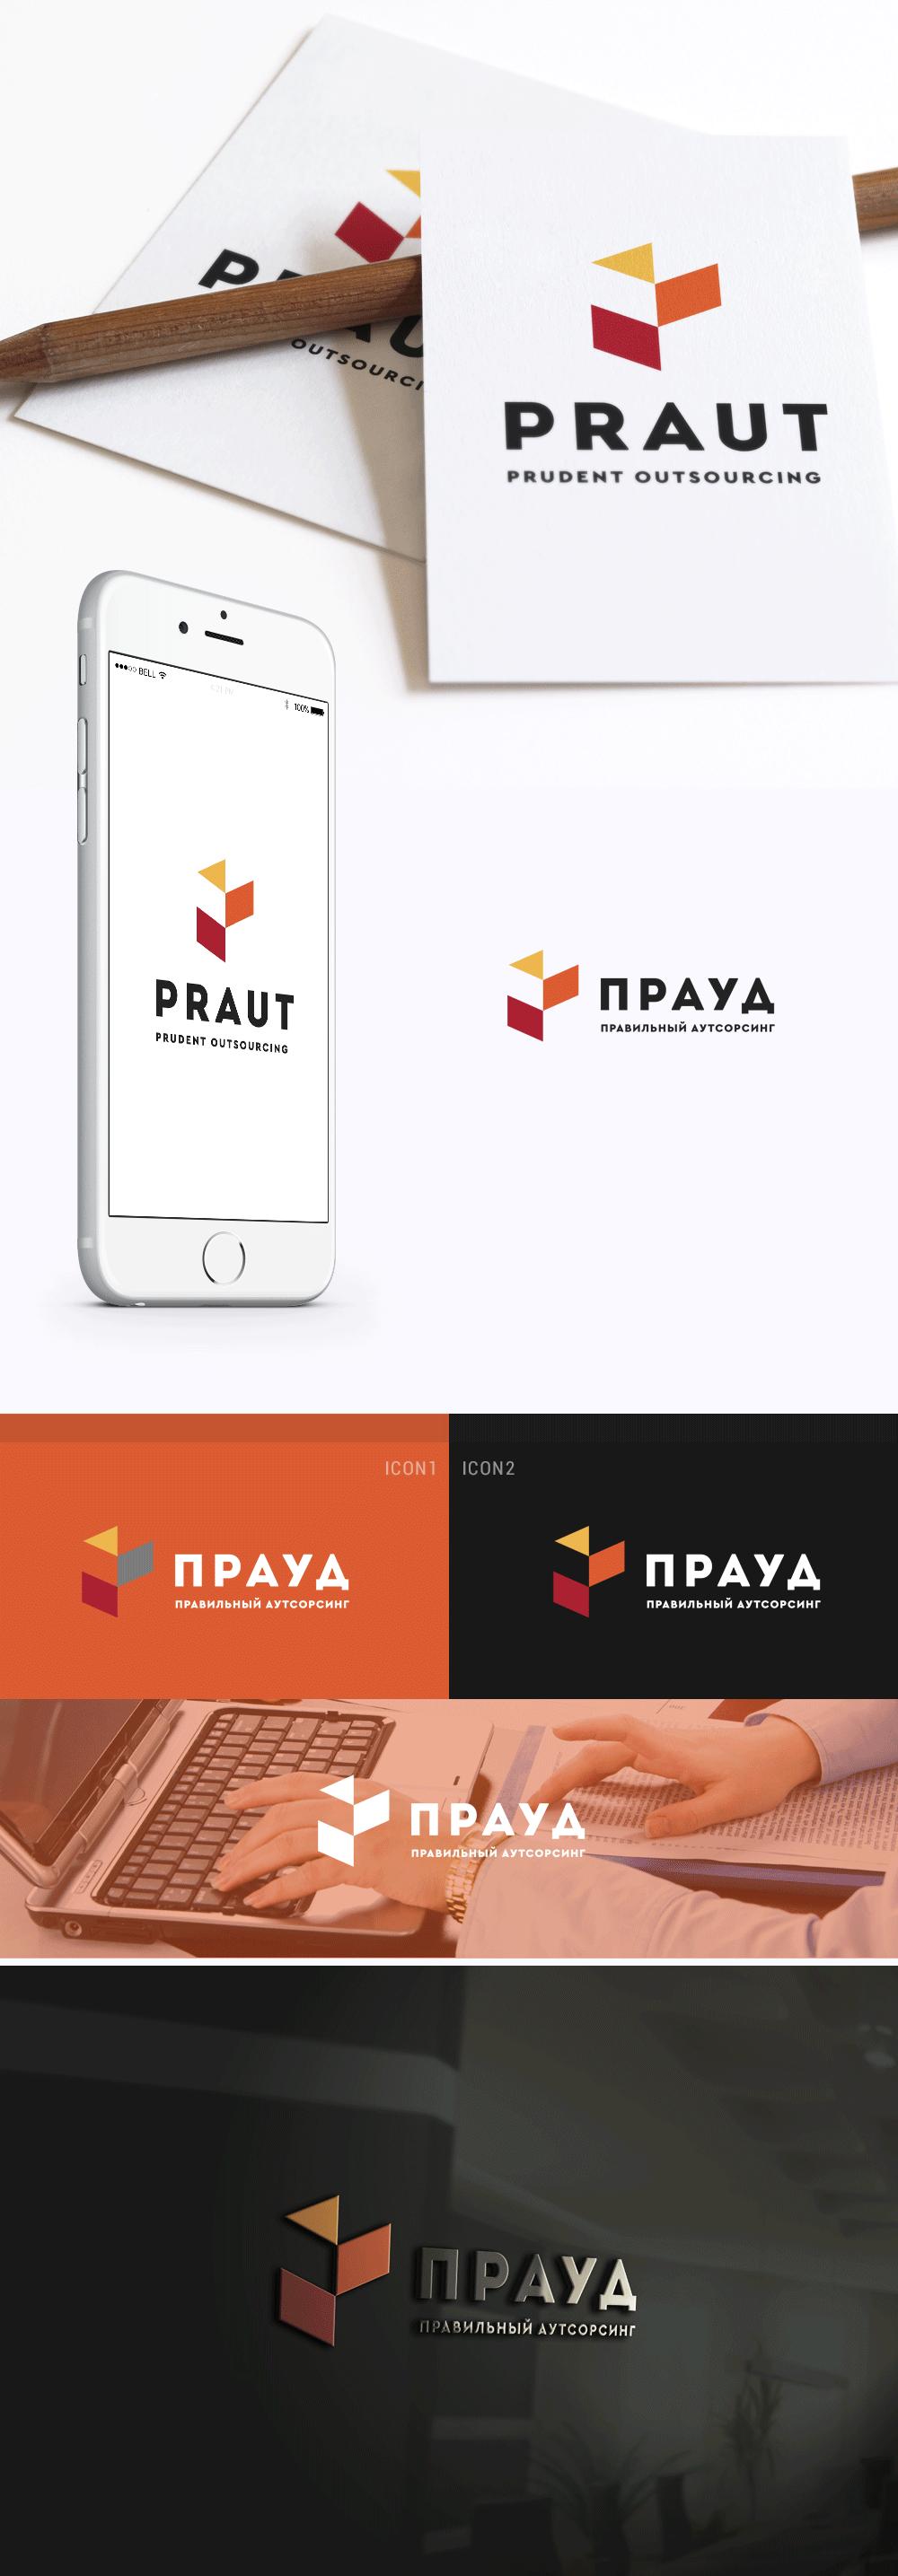 Нейминг и логотип компании, занимающейся аутсорсингом фото f_97959d8fbe147efb.png